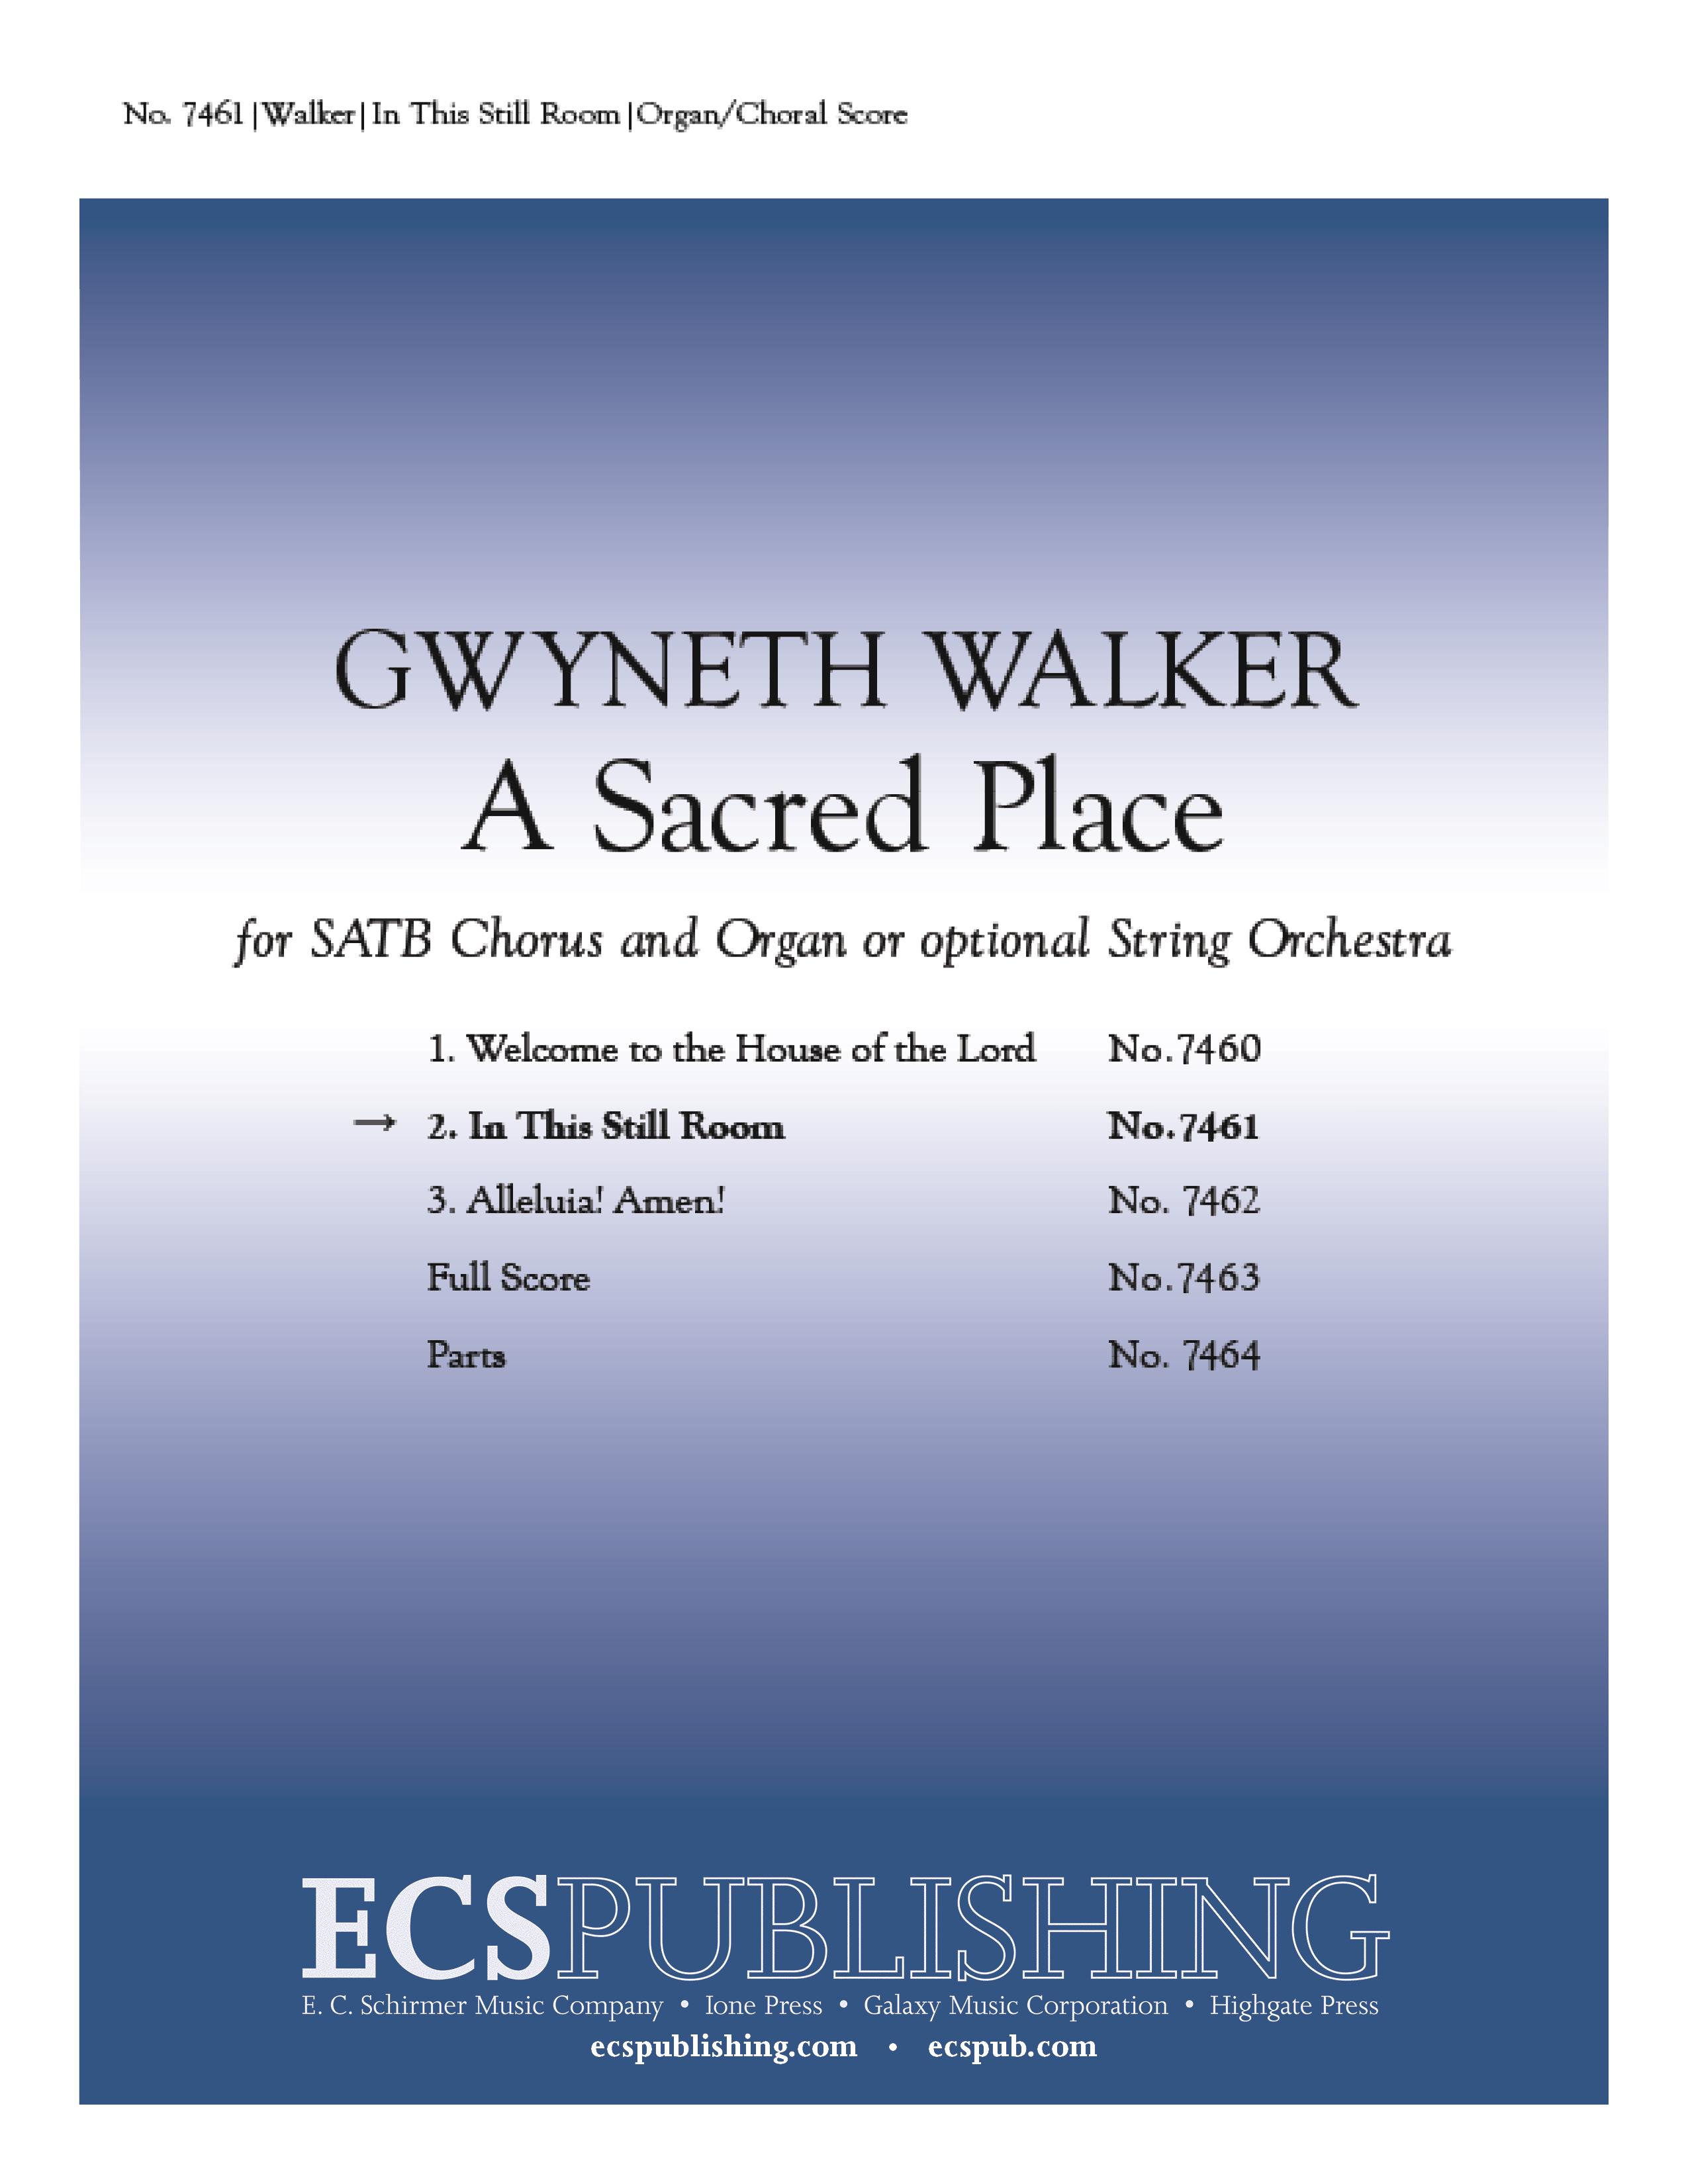 A Sacred Place: 2. In This Still Room : SATB : Gwyneth Walker : Gwyneth Walker : Sheet Music : 7461